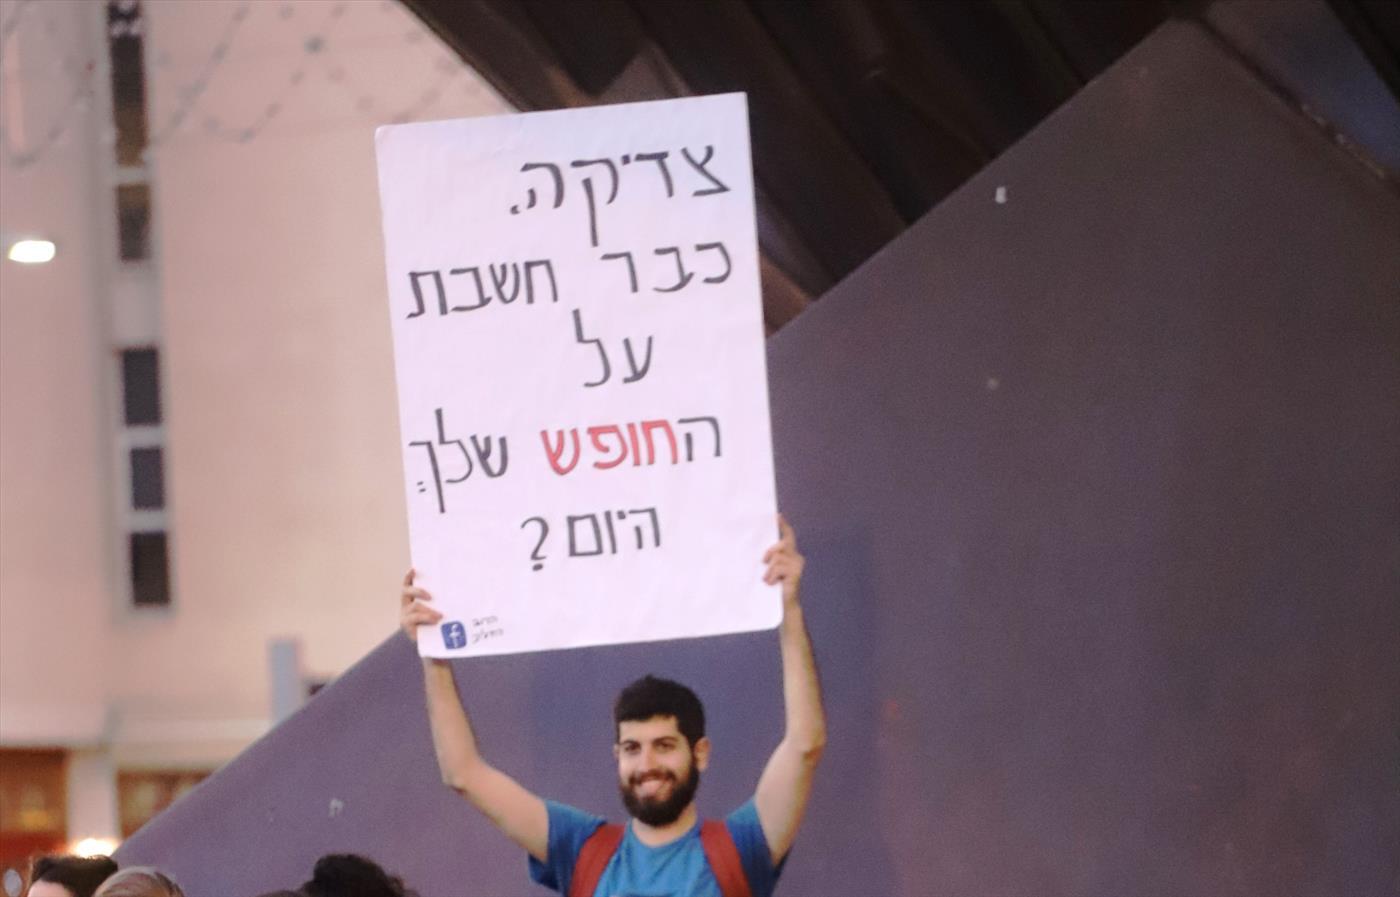 """פעיל רדיקלי מפגין בכיכר רבין מול עצרת """"משיח בכיכר"""" (צילום: איתן אלחדז/TPS)"""